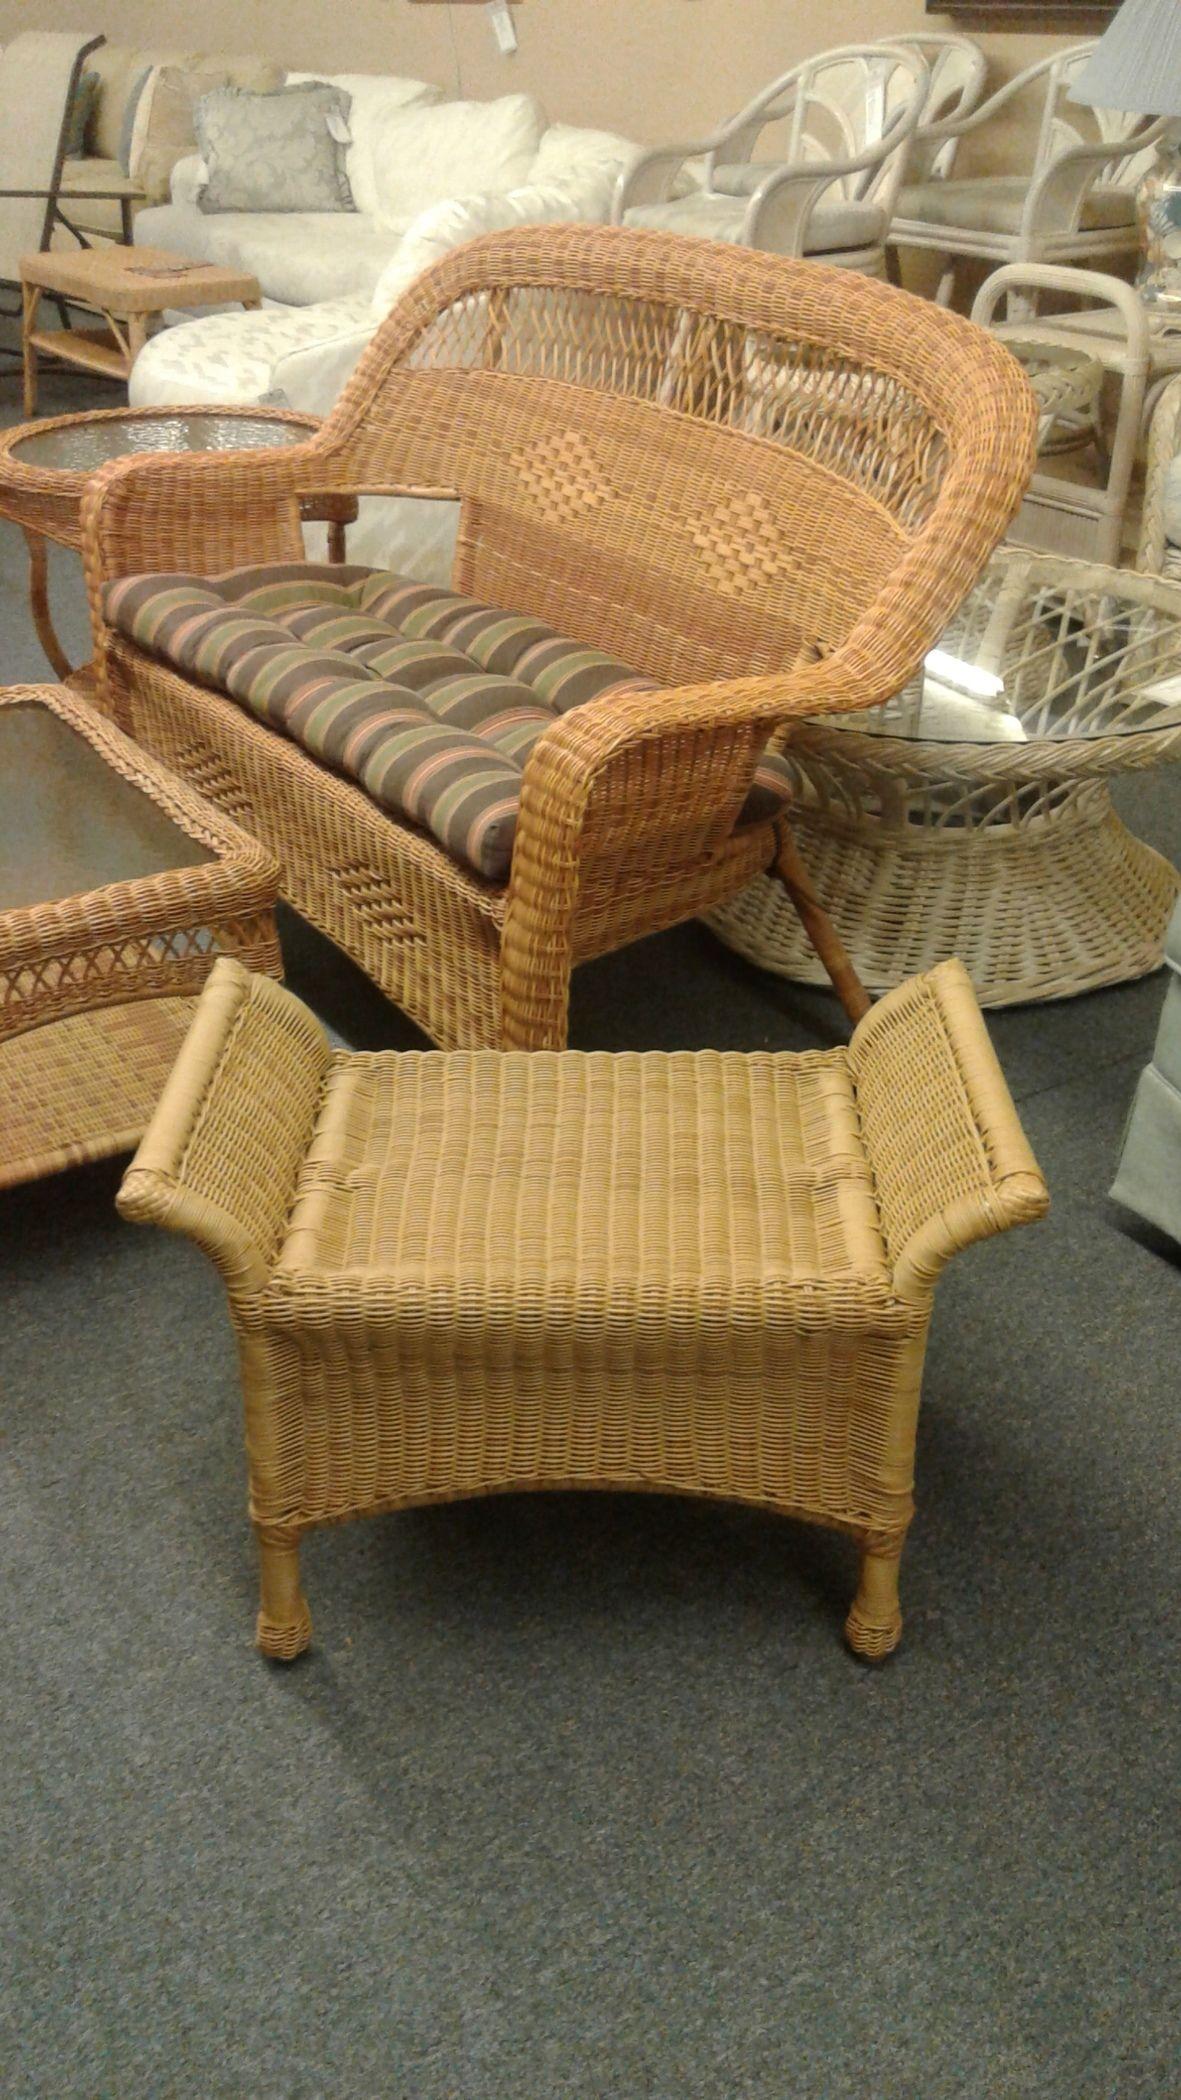 Small Outdoor Ottoman Delmarva Furniture Consignment